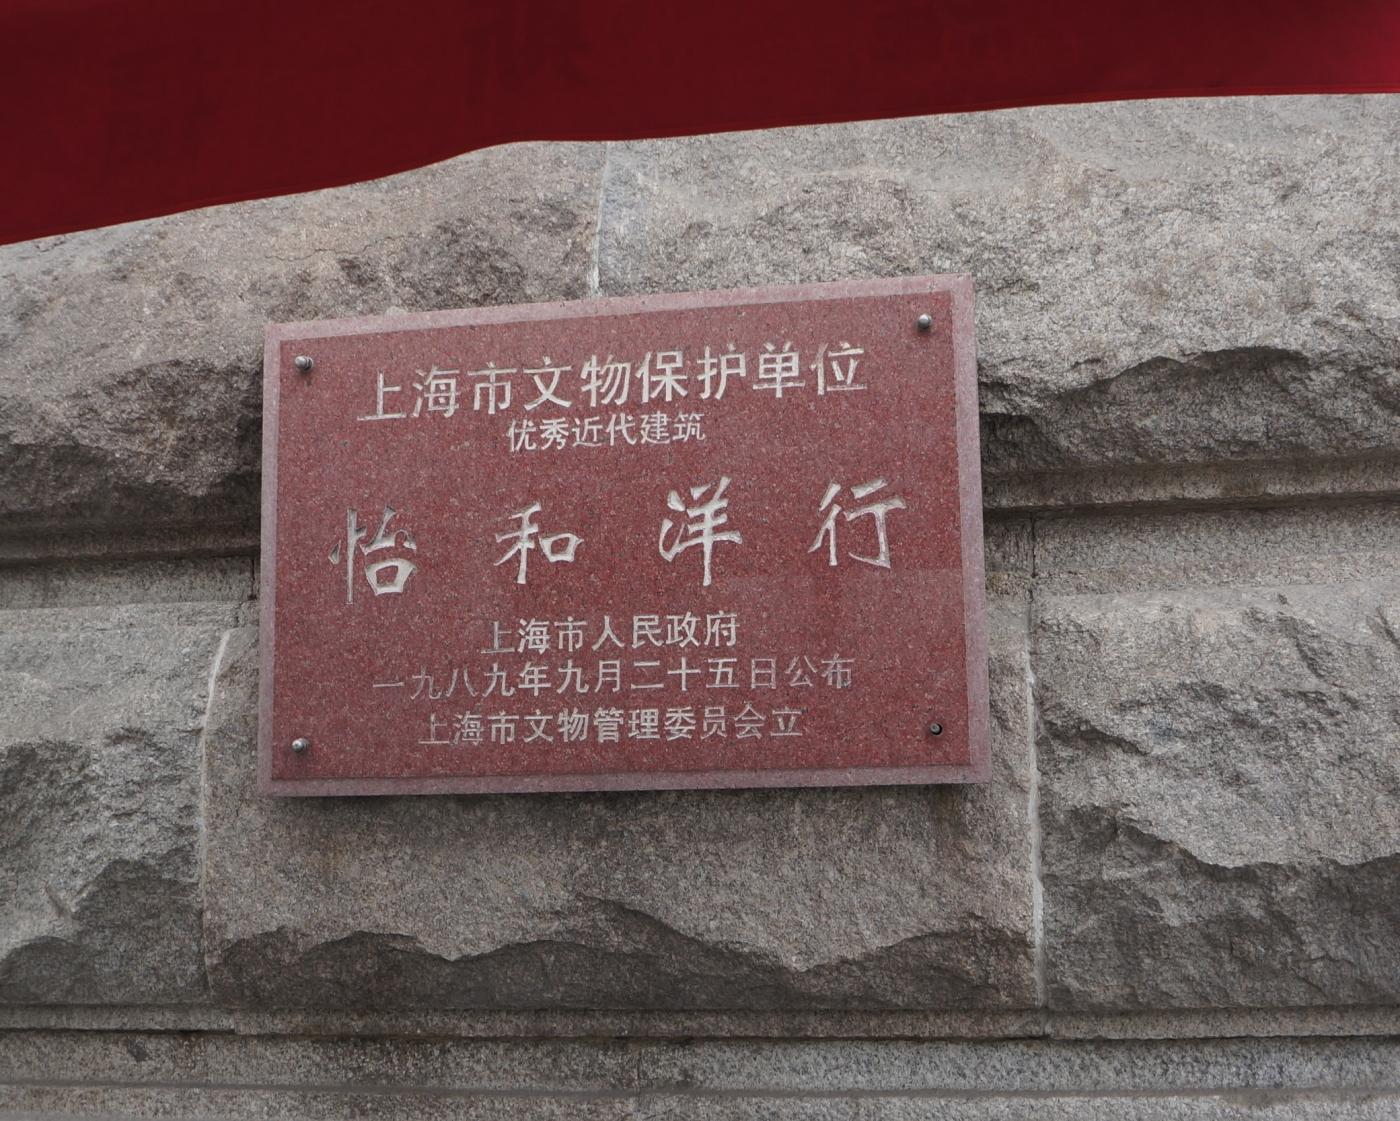 上海中山东一路27号.怡和洋行大楼(摄影原创)_图1-3